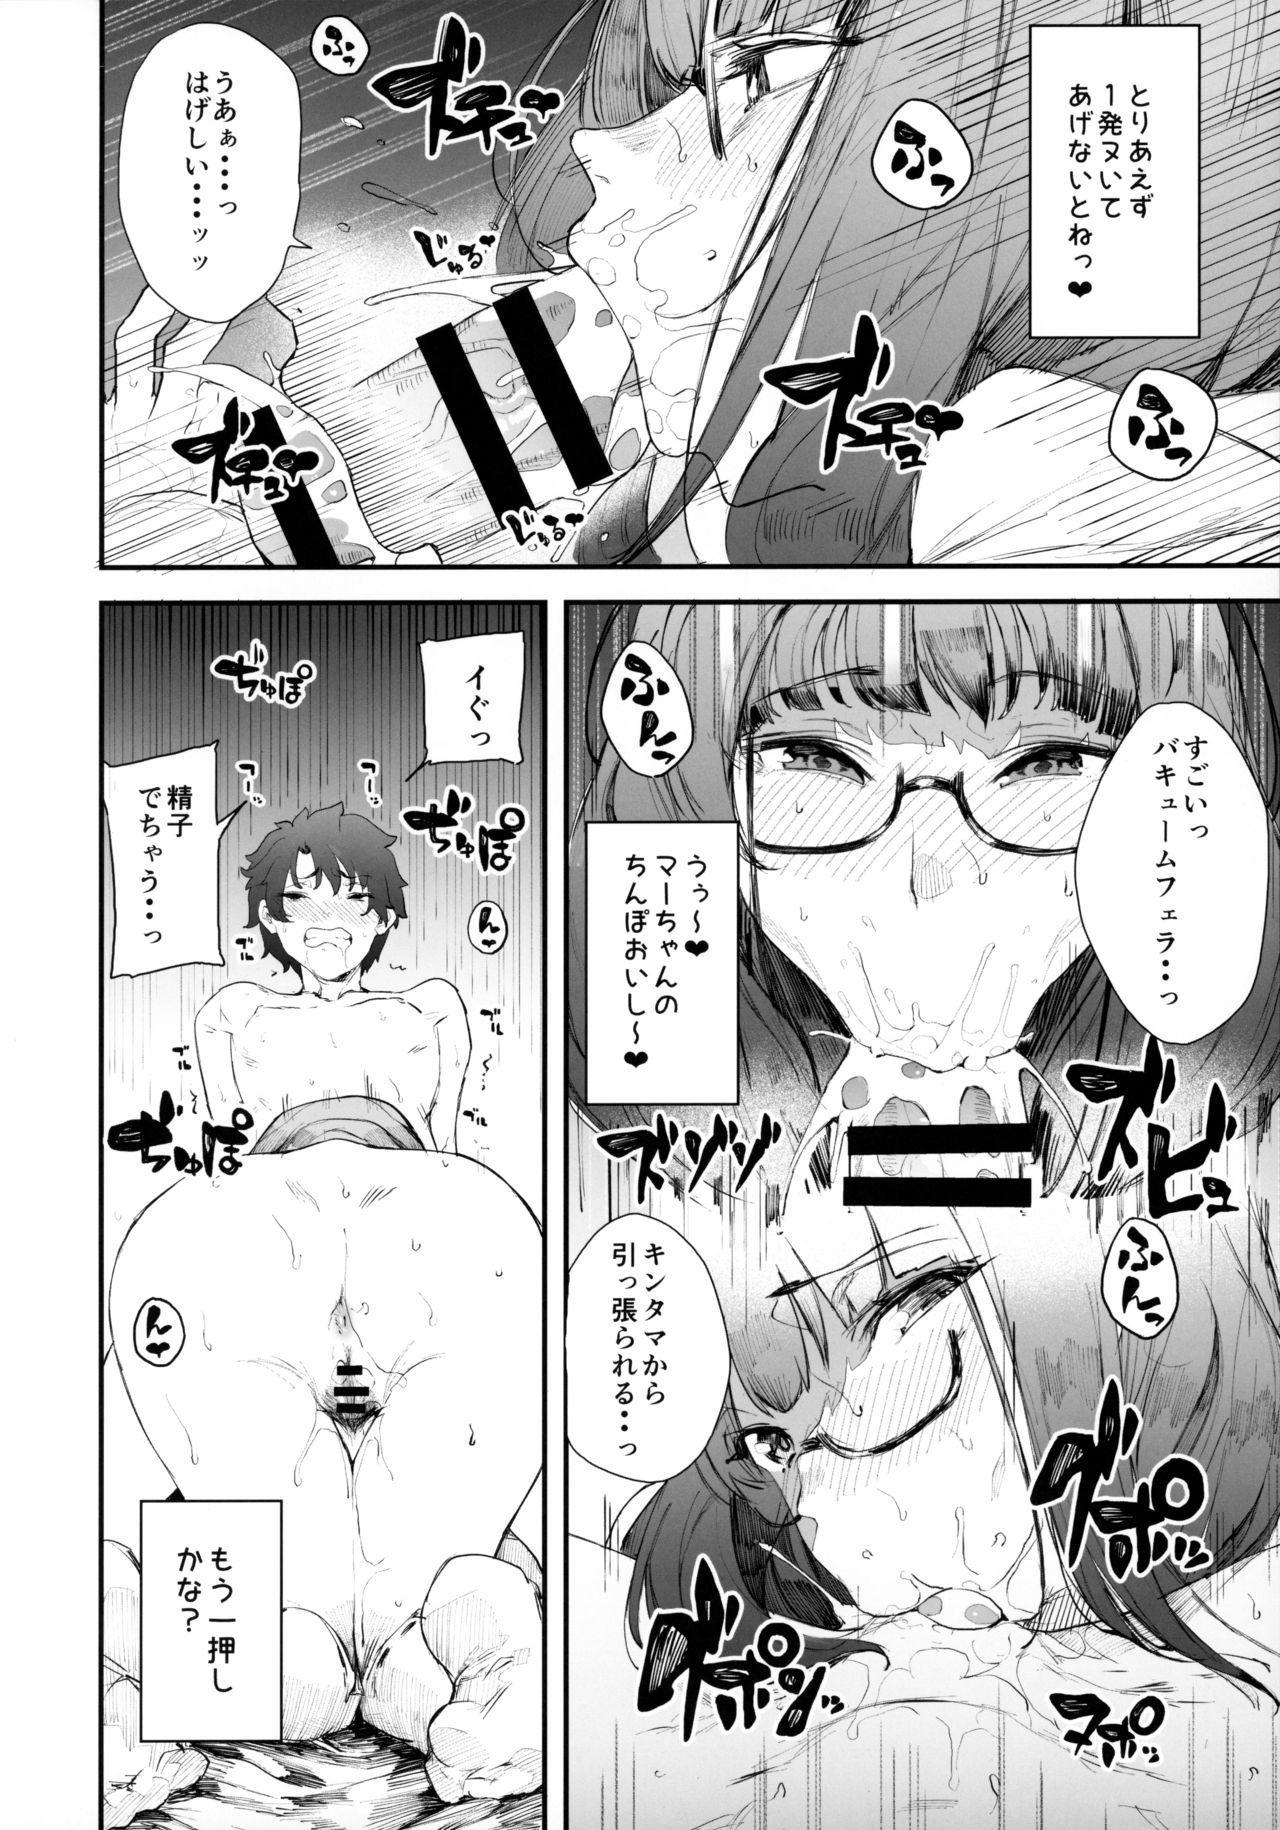 Enmatei Hanshokuki Osakabehime 30